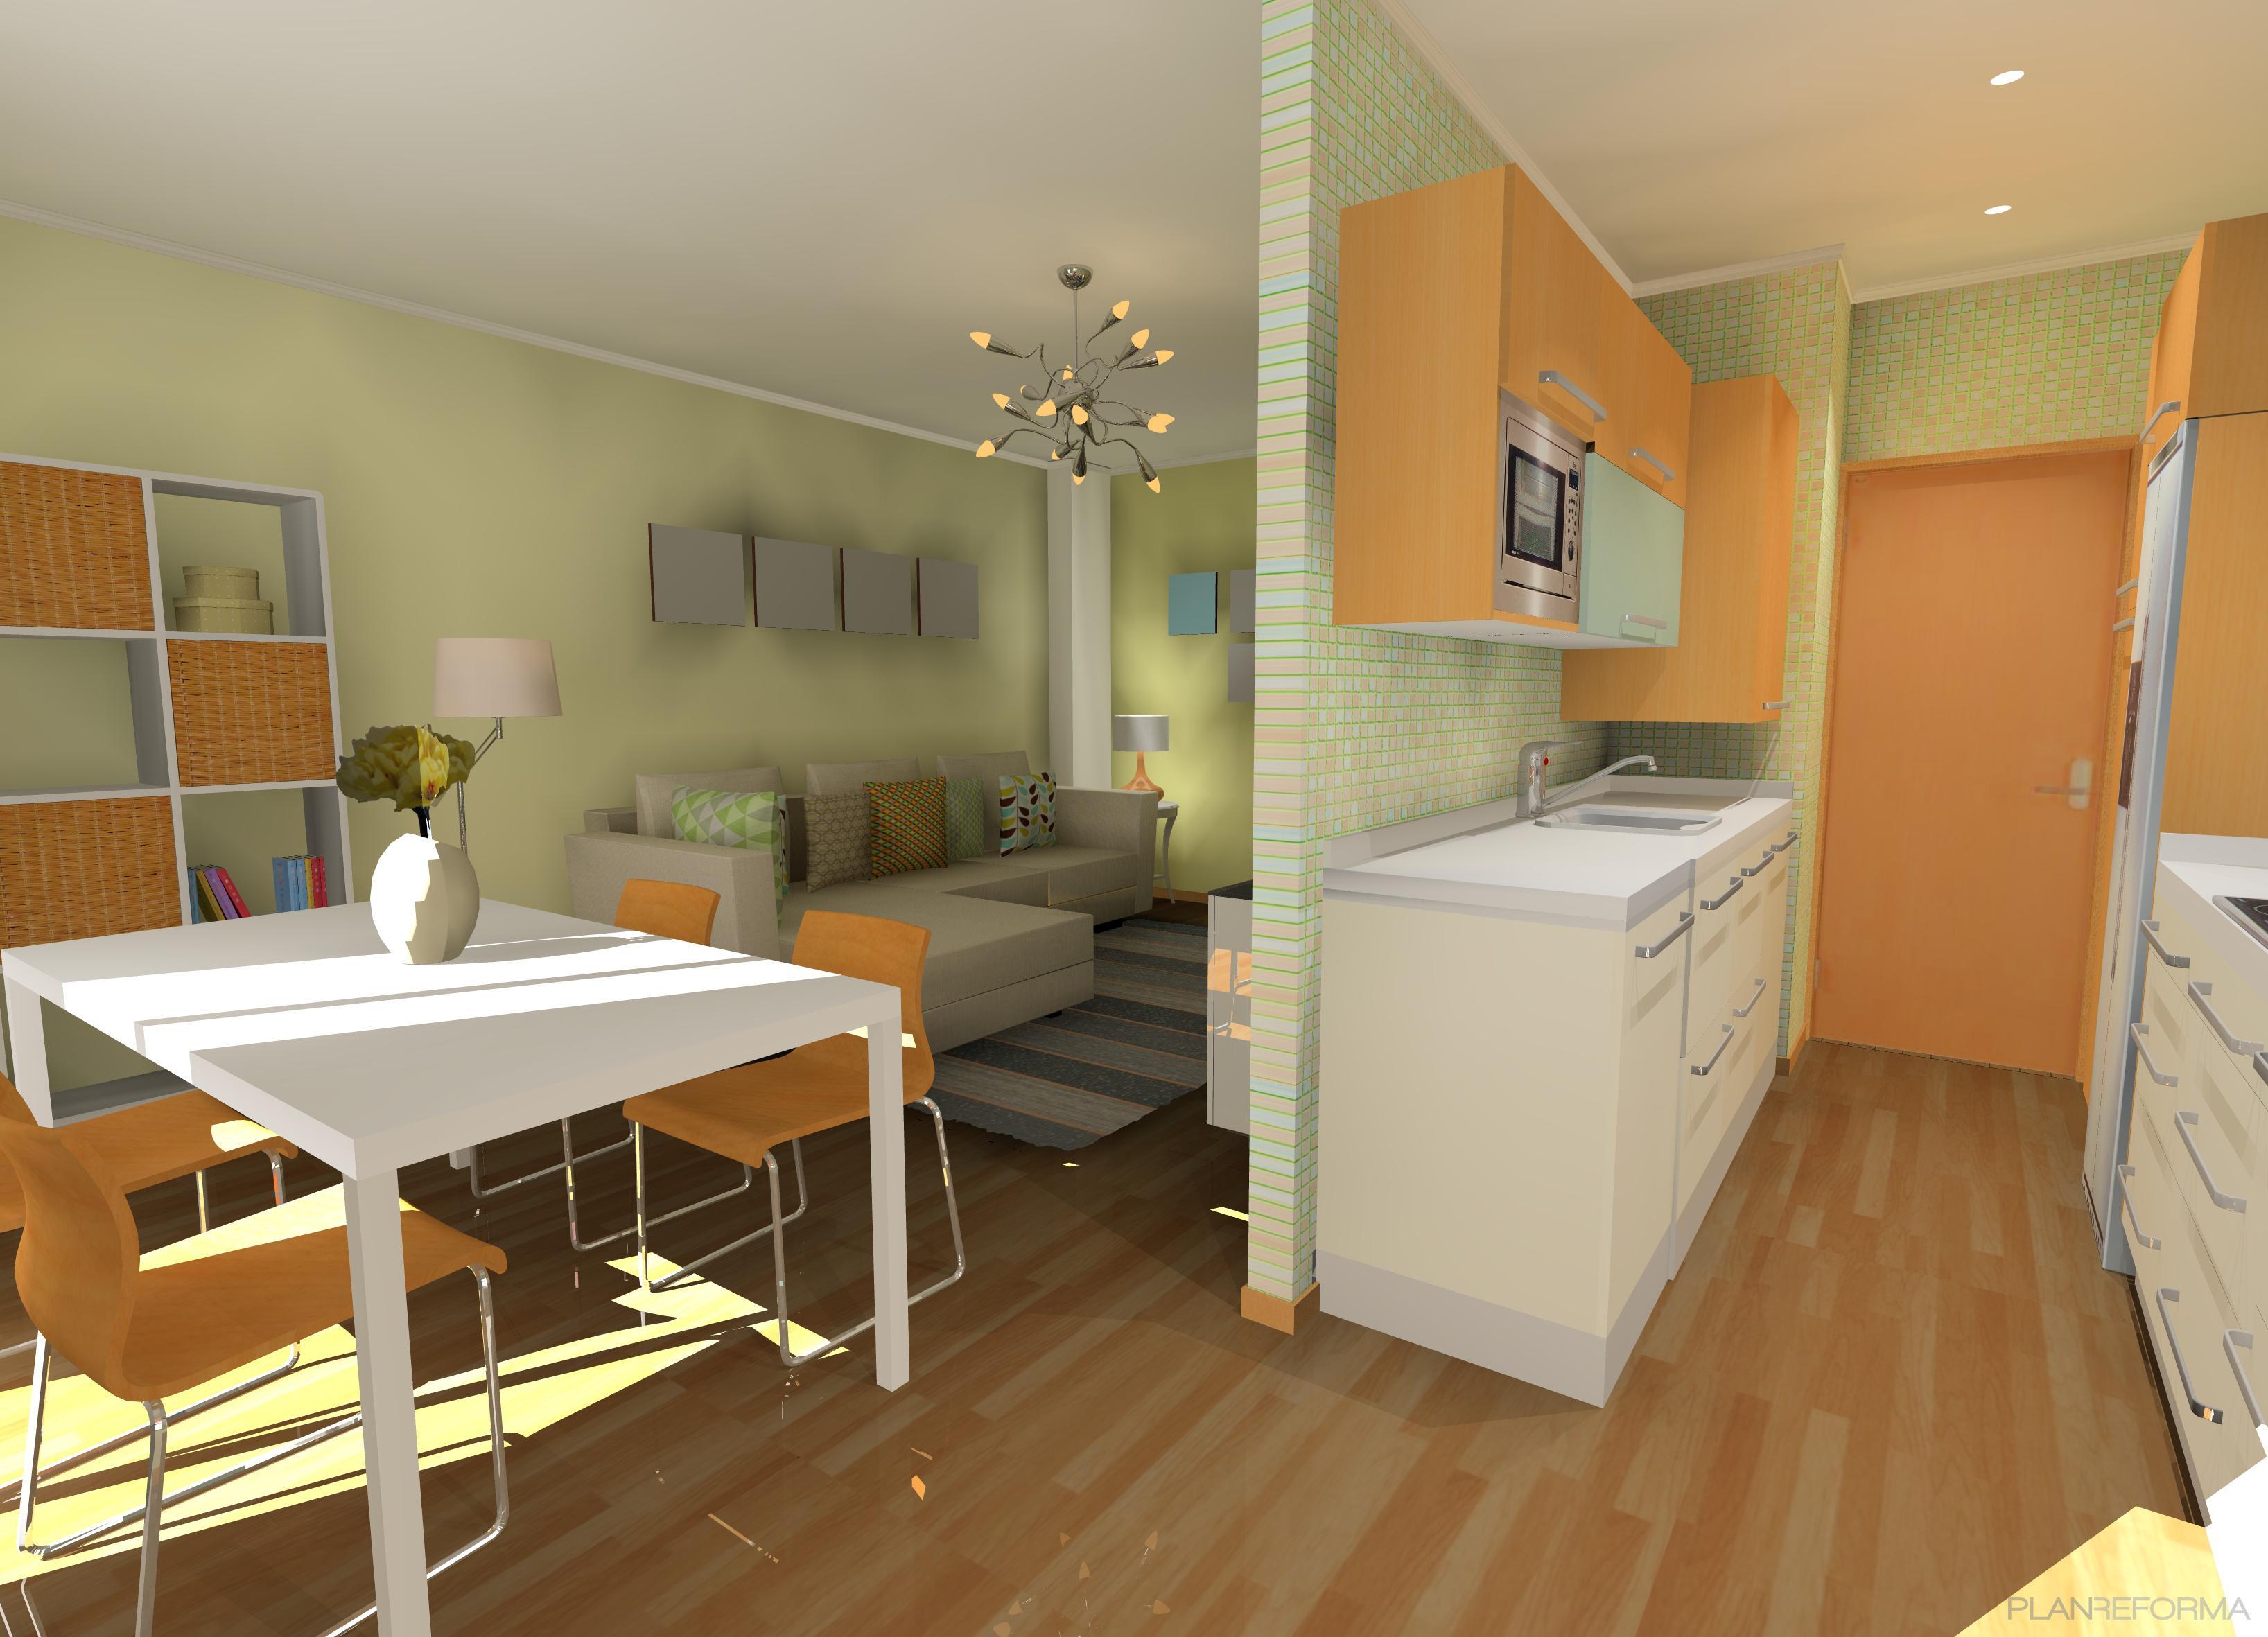 Comedor, Cocina, Salon Estilo contemporaneo Color ocre, verde, plateado